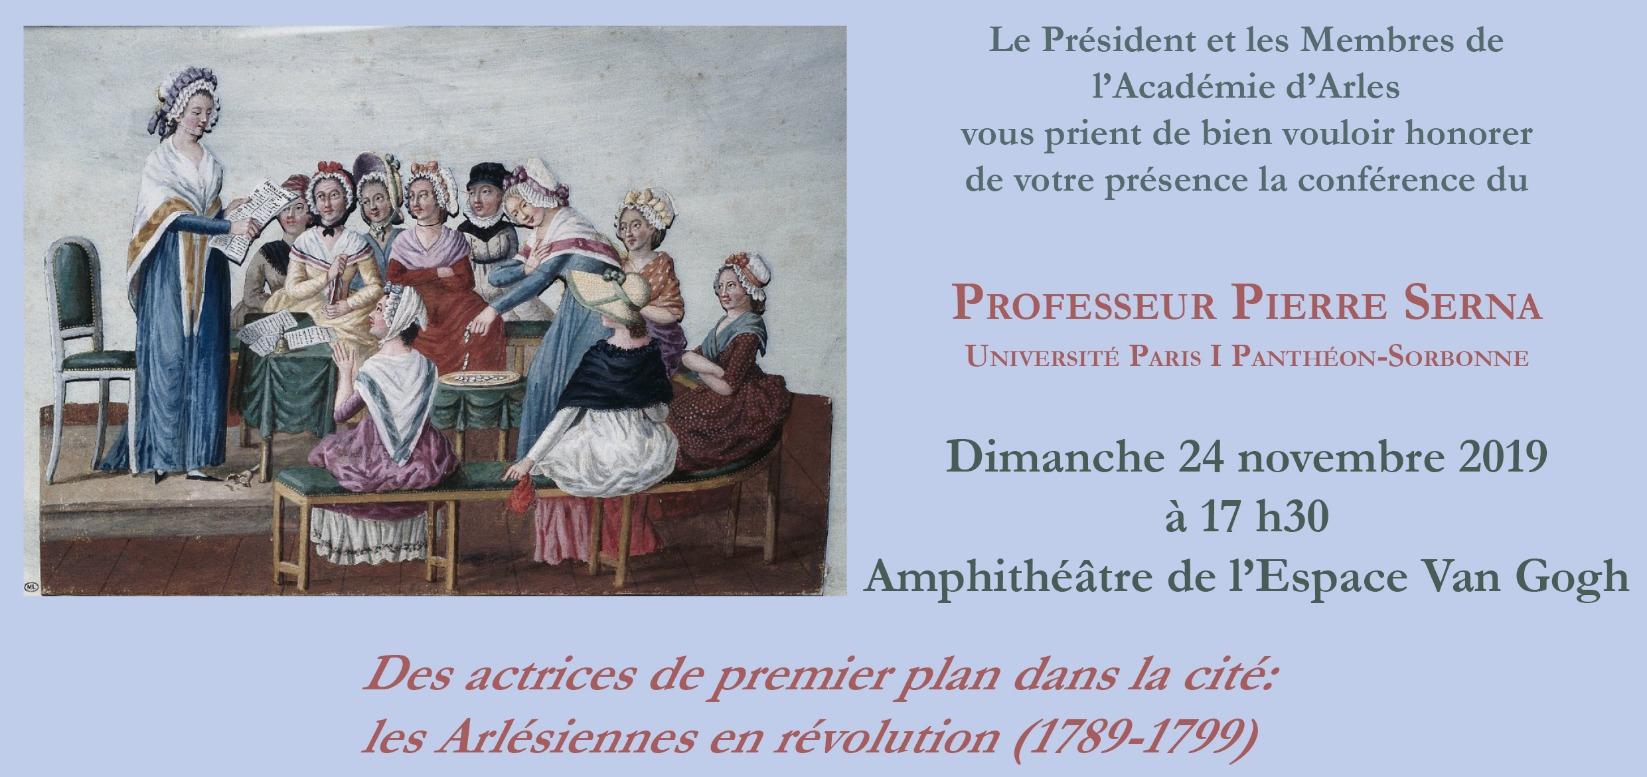 Des actrices de premier plan dans la cité : les Arlésiennes en Révolution (1789-1799)